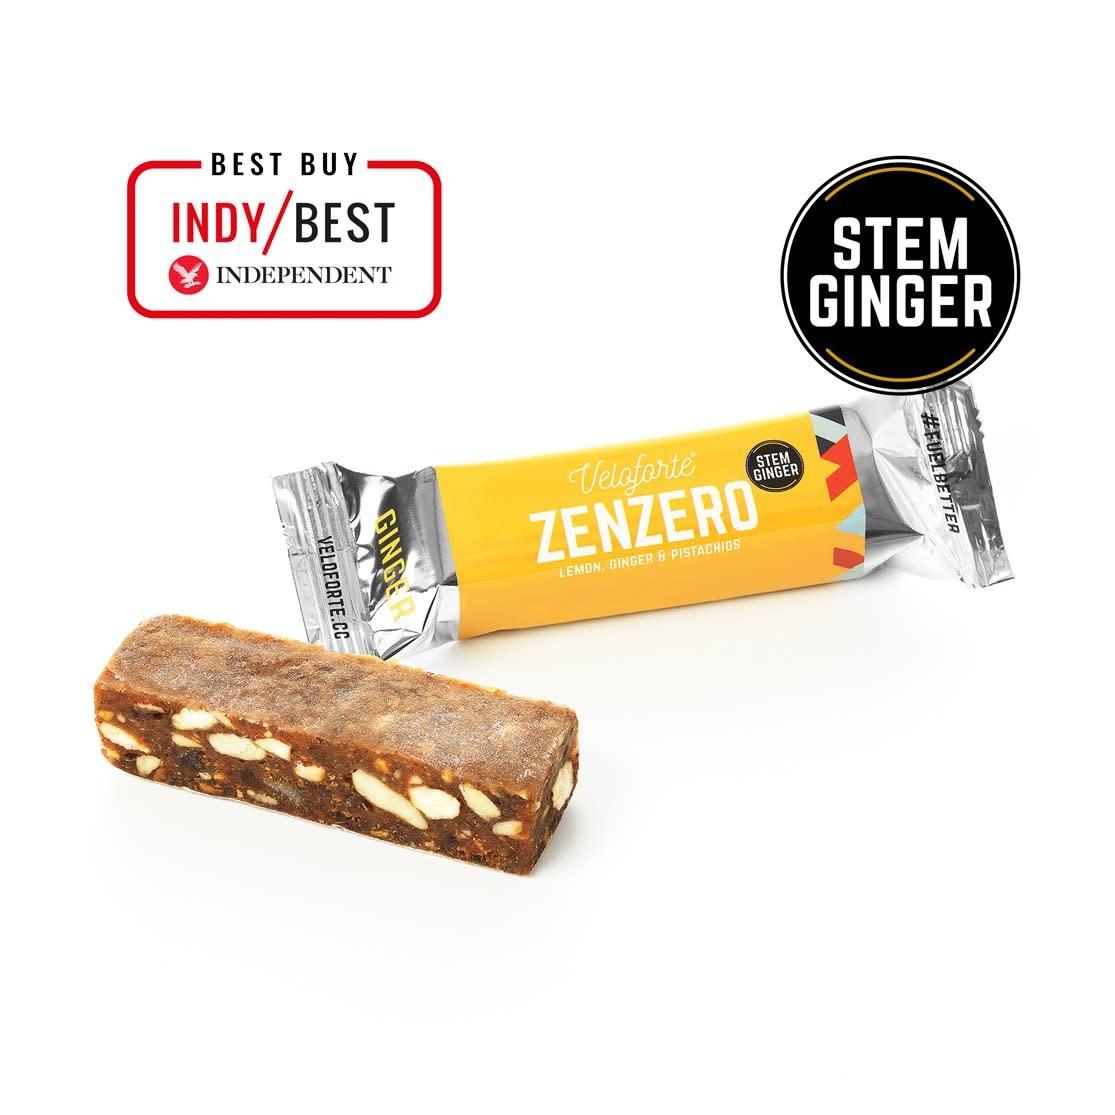 veloforte Veloforte Zenzero Lemon, Ginger & Pistachios Bar 70g